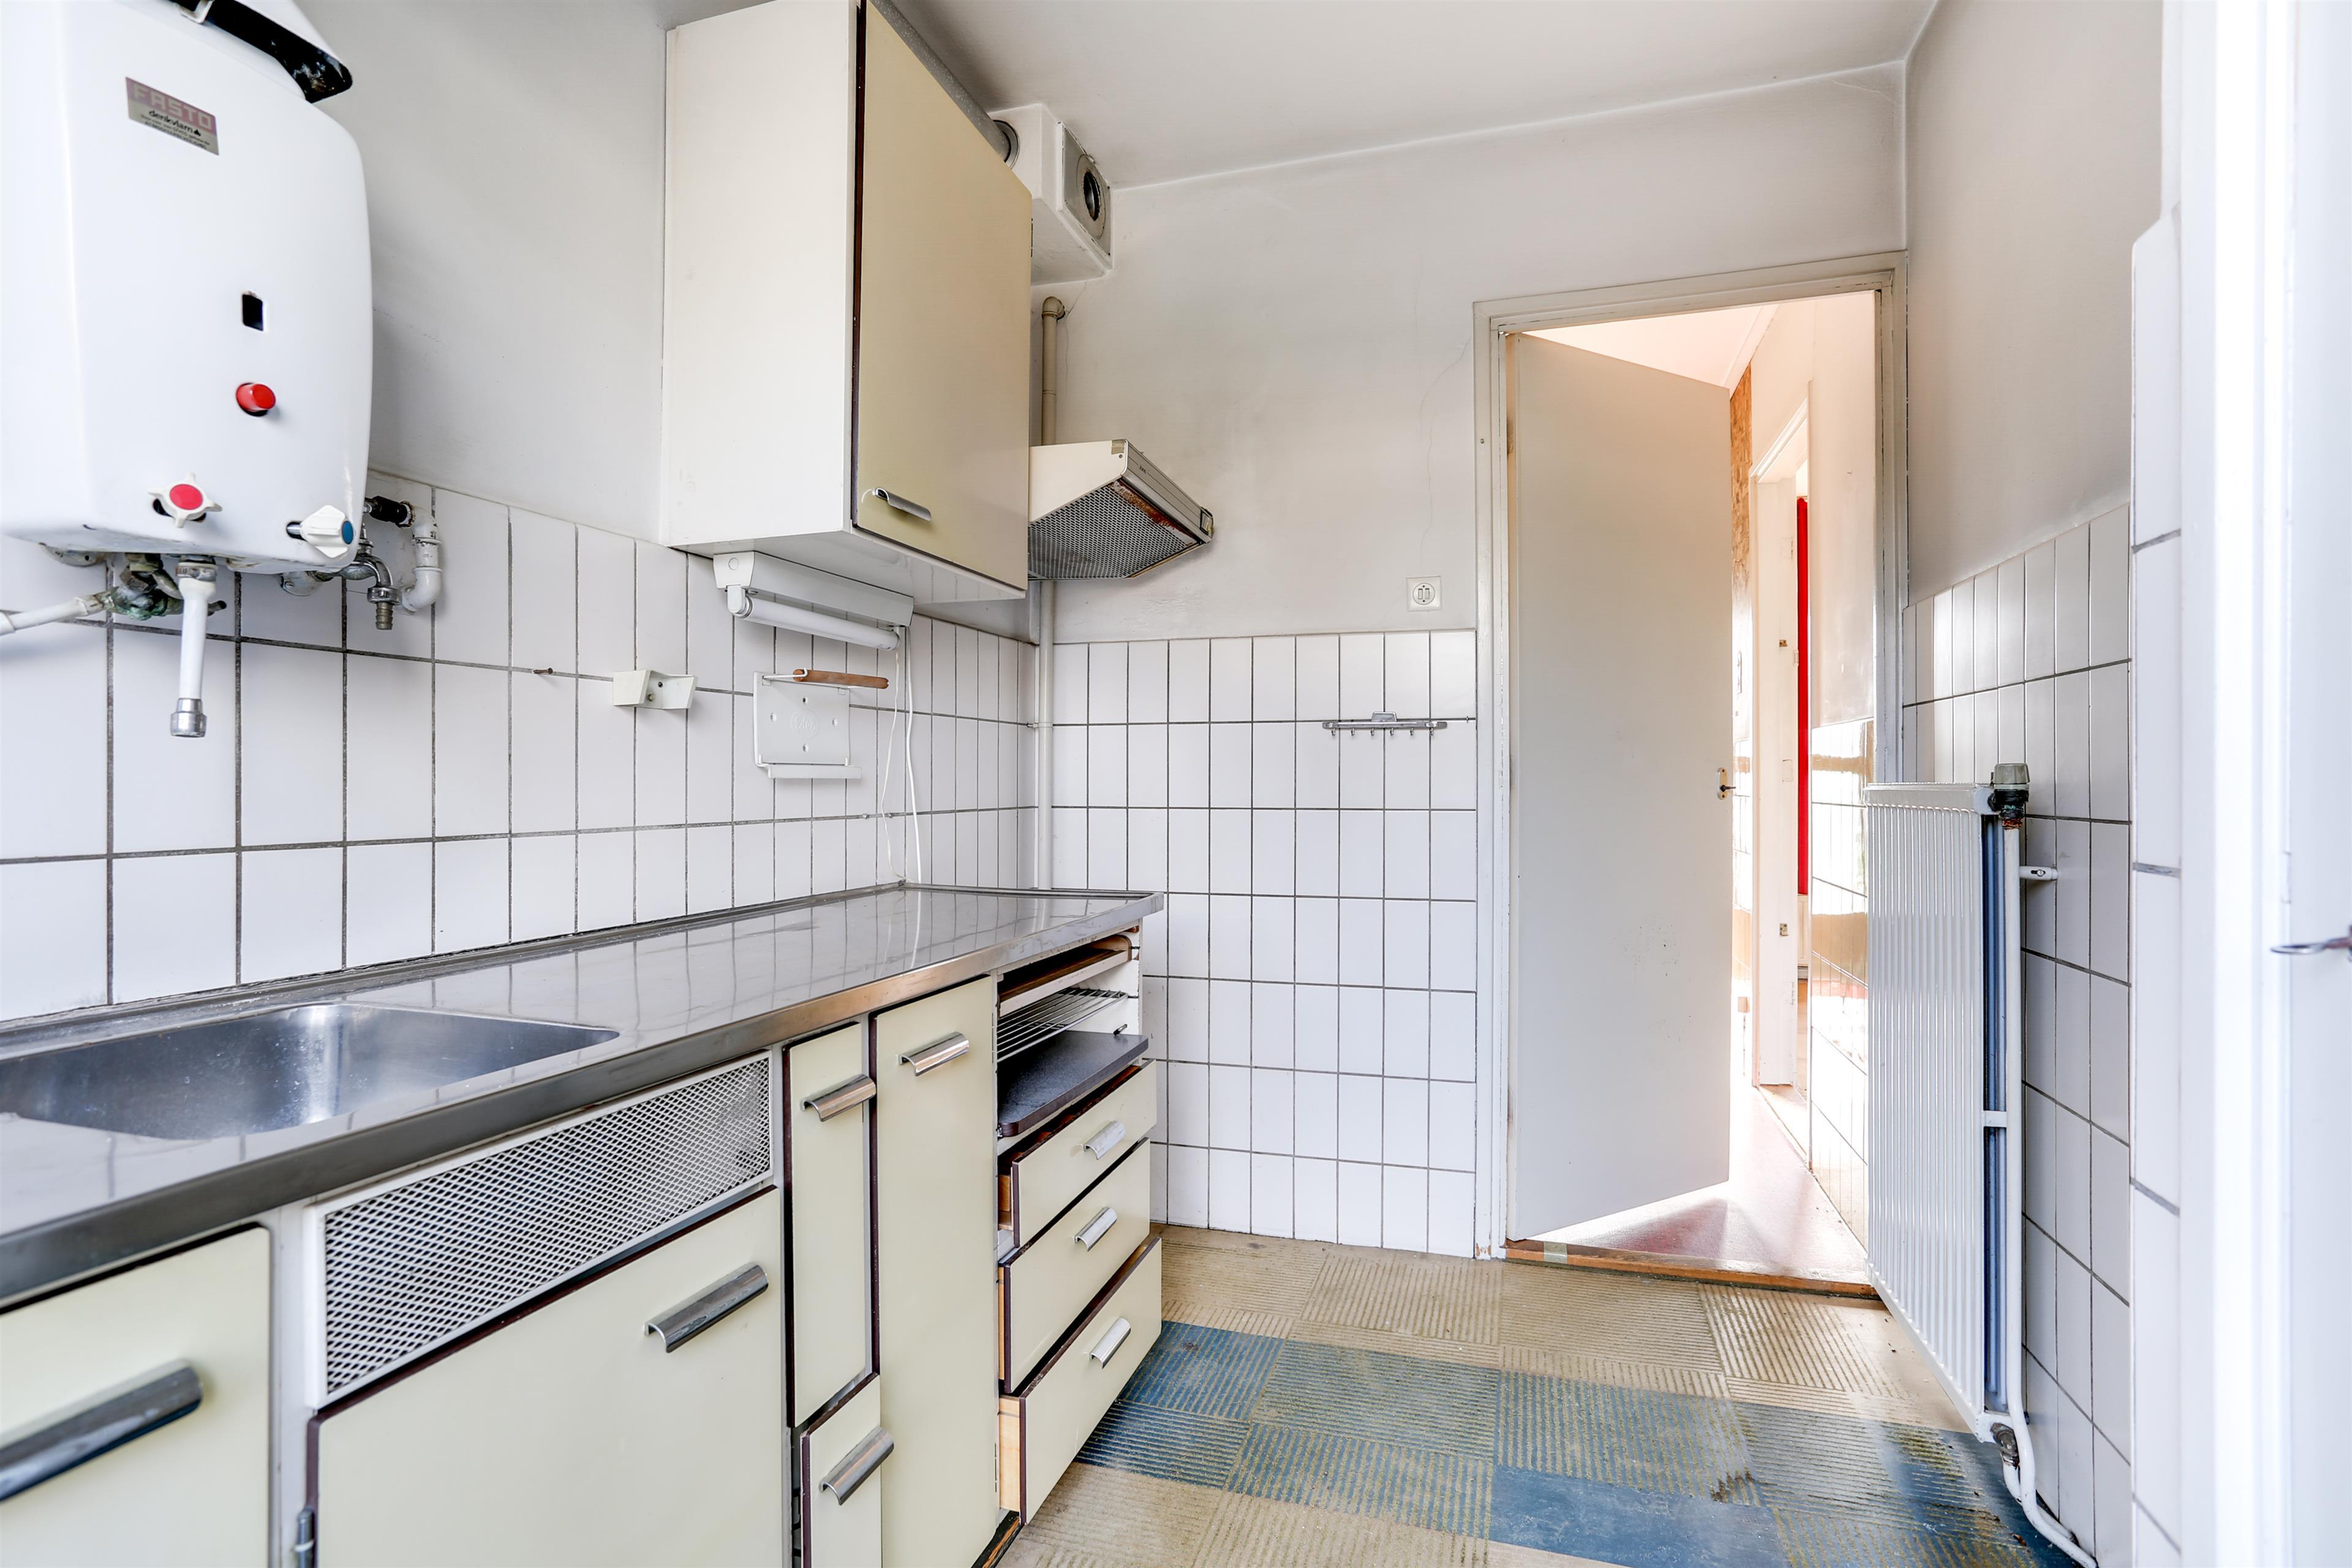 Te koop irenestraat 23 halfweg hoekstra en van eck m r makelaar - Functionele badkamer ...